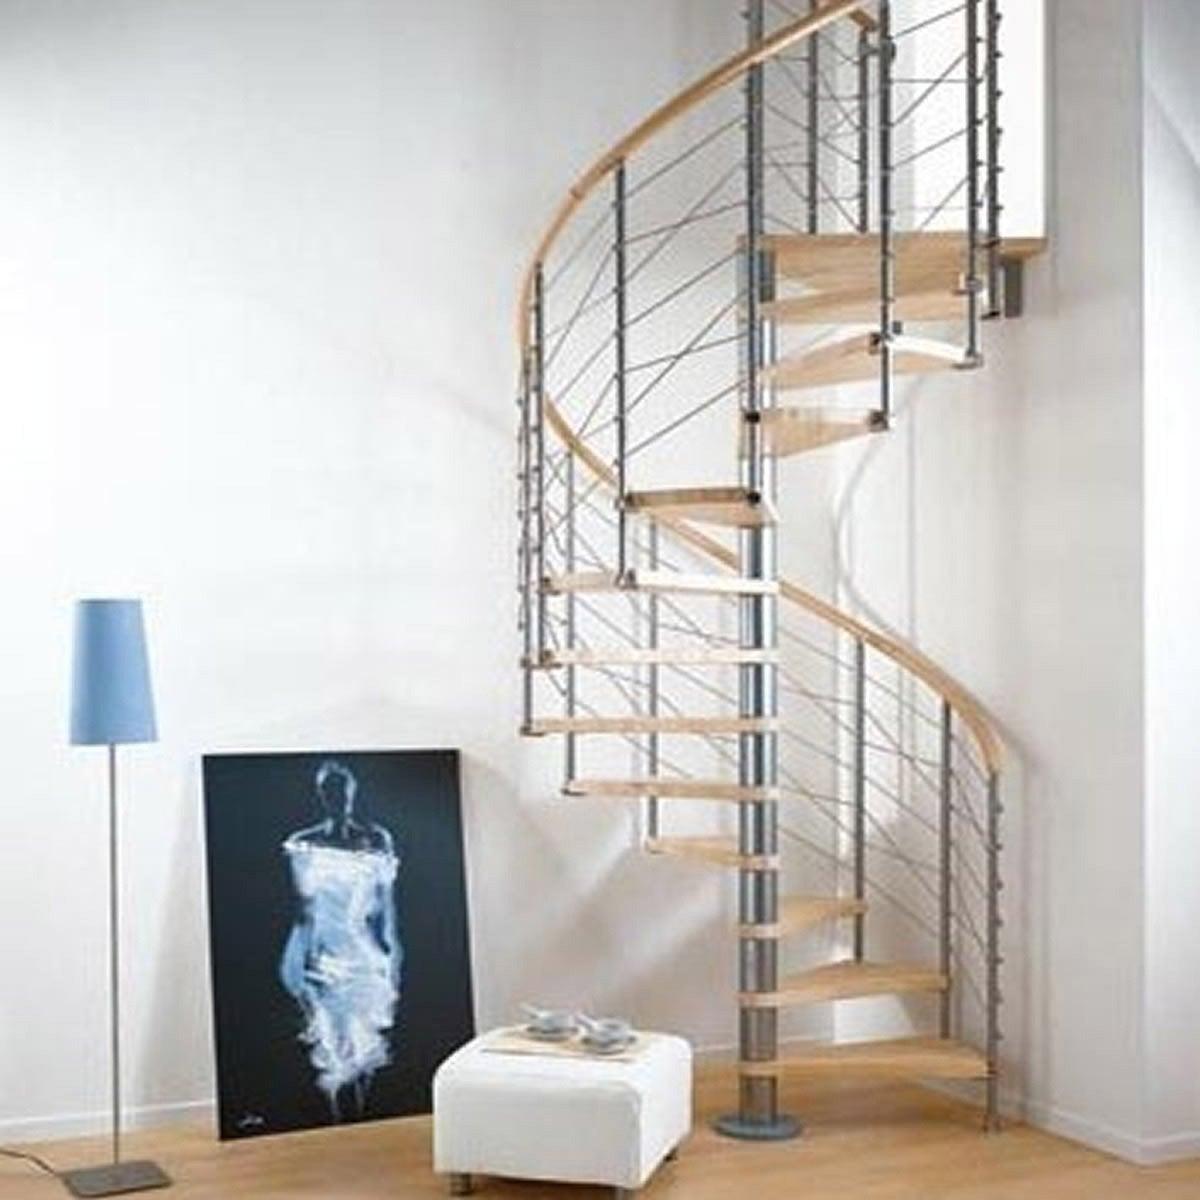 Escalier Ring line PIXIMA, colimaçon rond en bois et métal, 13 marches Leroy Merlin # Bois Rond Leroy Merlin